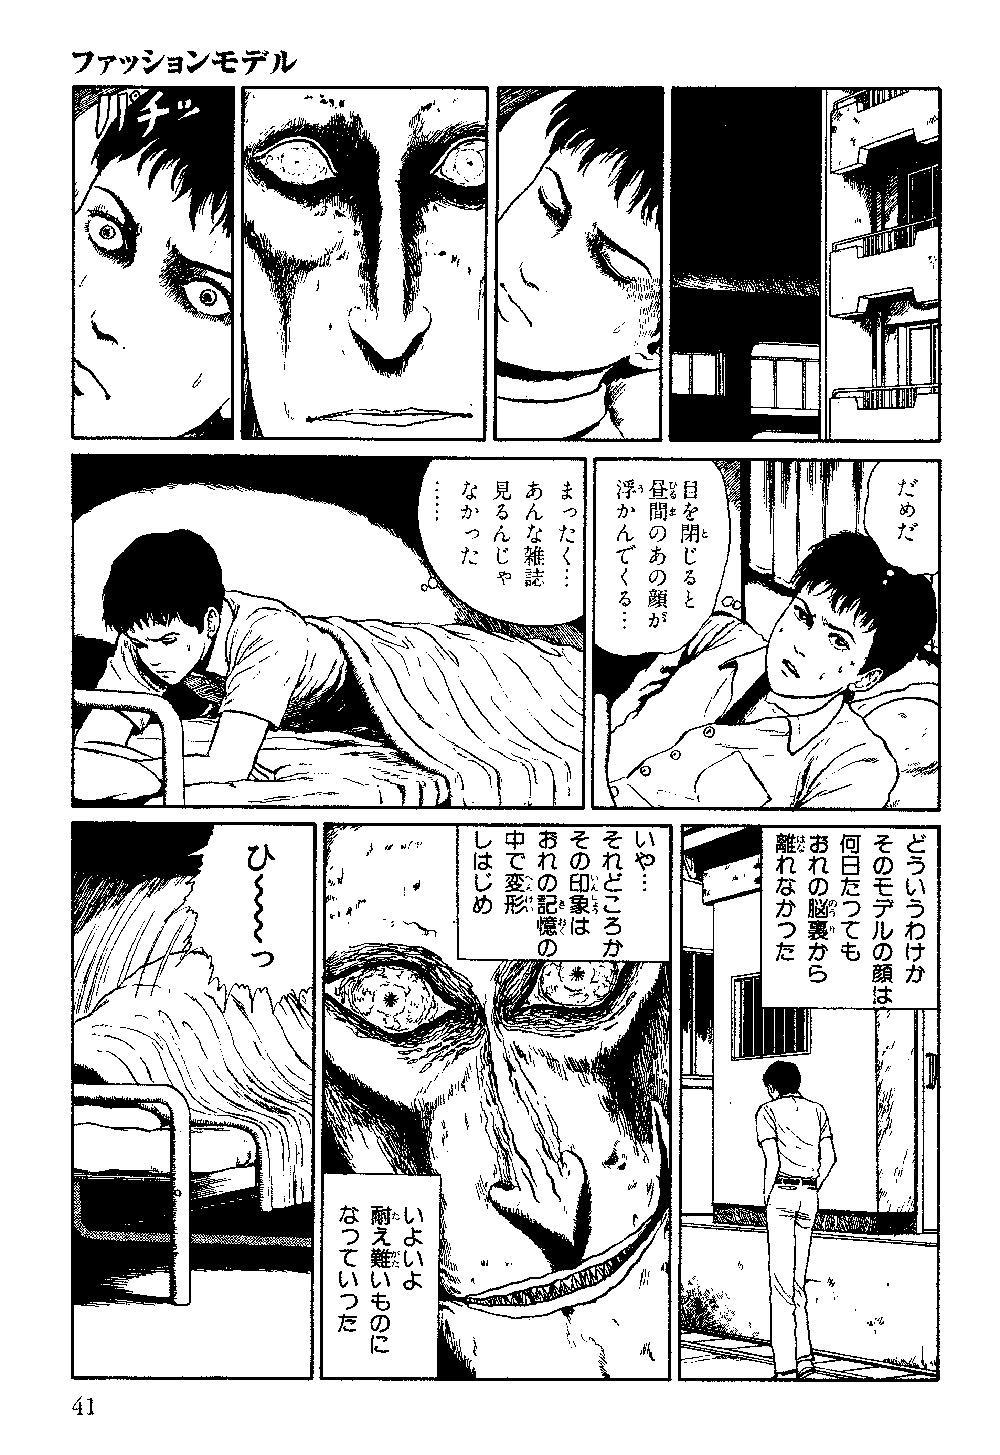 itouj_0006_0043.jpg